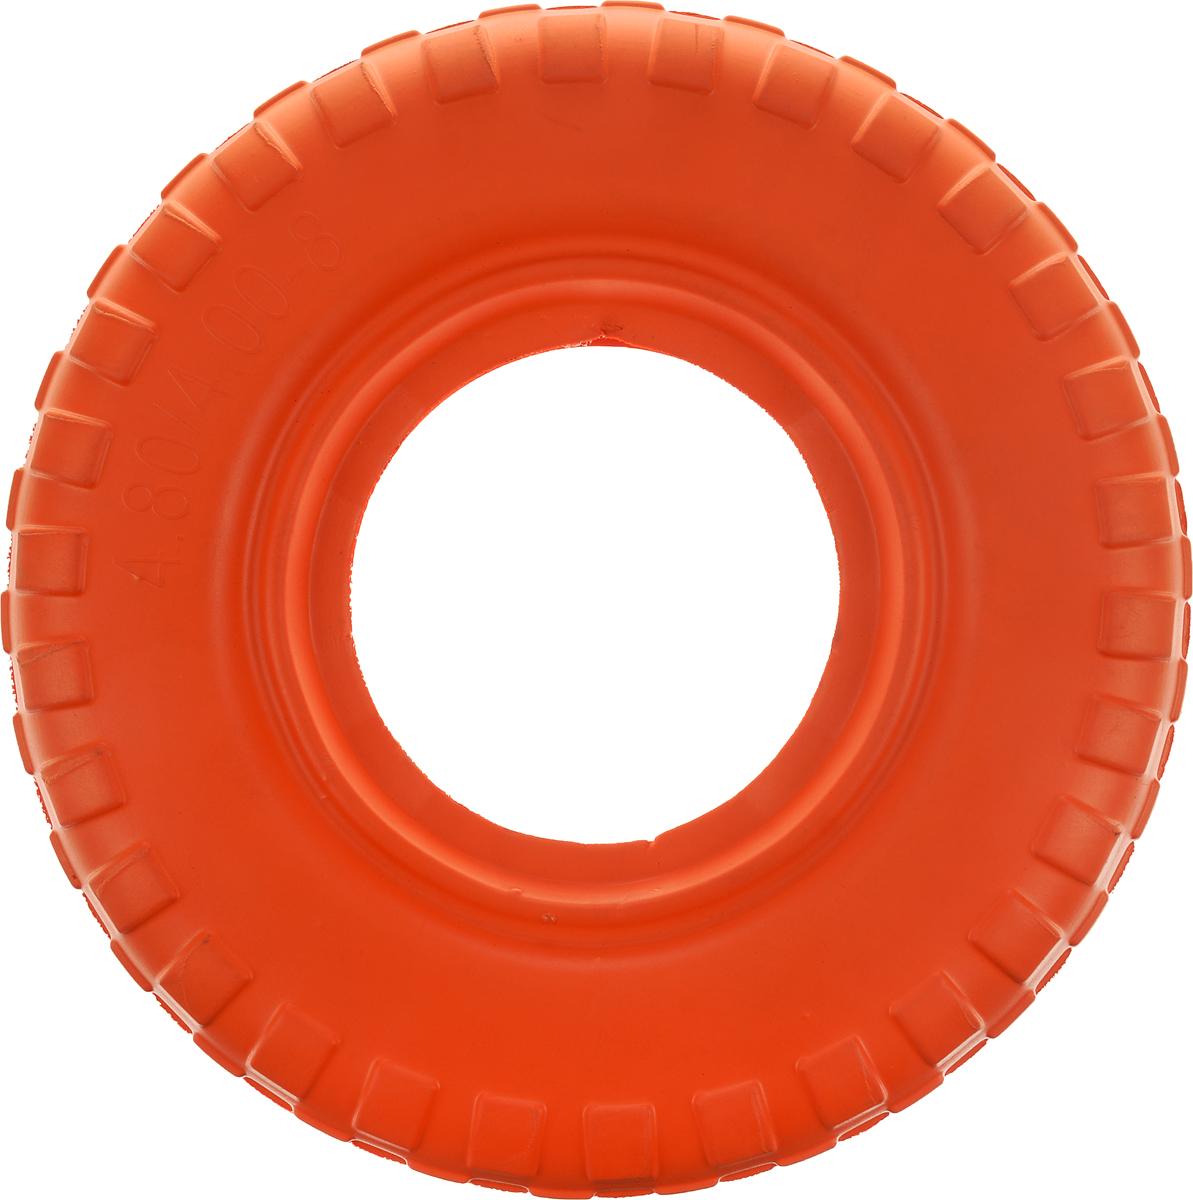 Игрушка для животных Doglike Шинка для колеса. Гига, диаметр 40 смDH 7517Doglike Шинка для колеса. Гига - простая и незамысловатая игрушка для собак, которая способна решить многие проблемы здоровья вашего четвероногого любимца. Если ваш пёс портит мебель, излишне агрессивен, непослушен или страдает излишним весом то, скорее всего, корень всех бед кроется в недостаточной физической и эмоциональной нагрузке. Порадуйте своего питомца прекрасным и качественным подарком. Диаметр игрушки: 40 см.